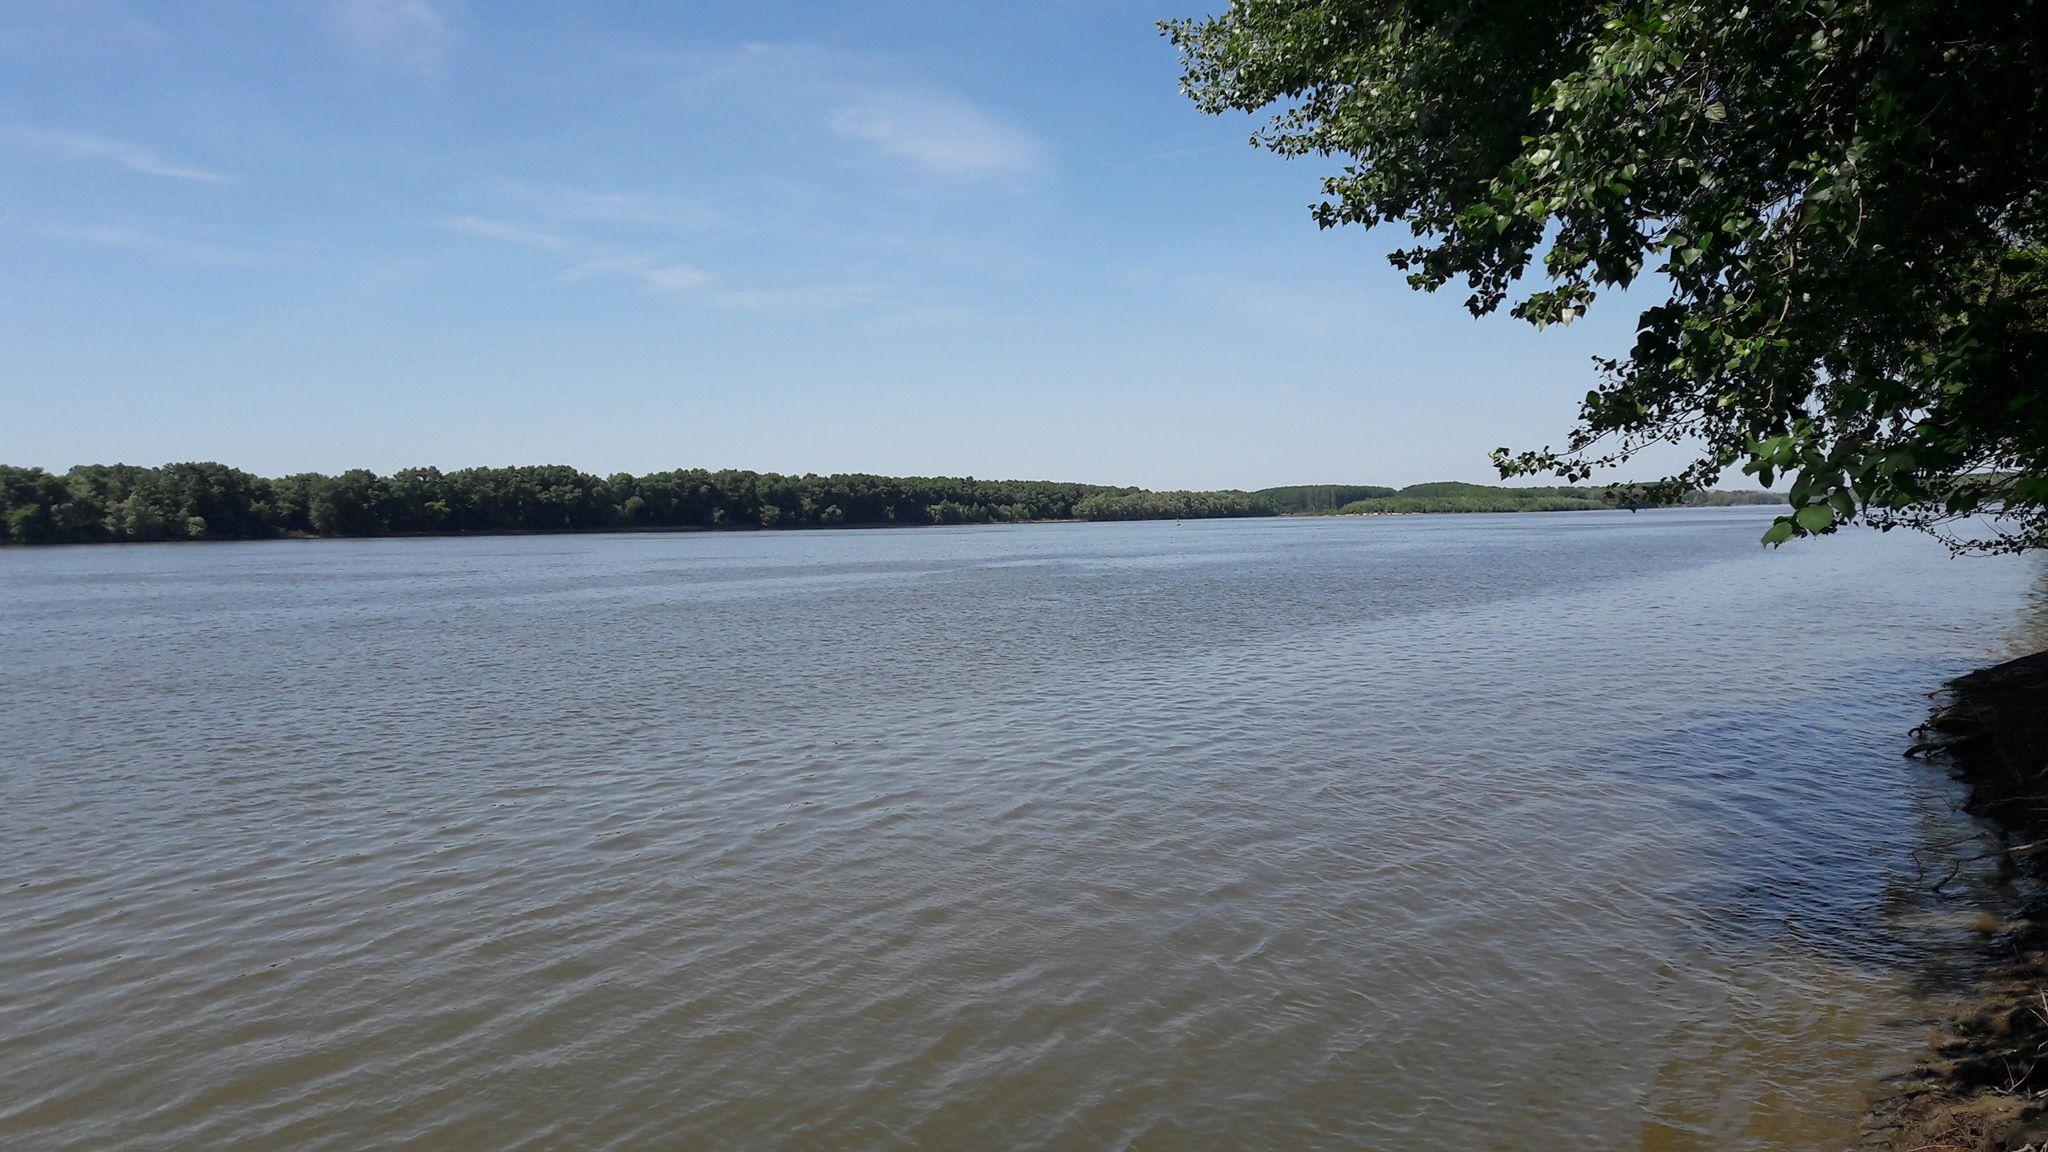 Vanzare teren Insula Dunare